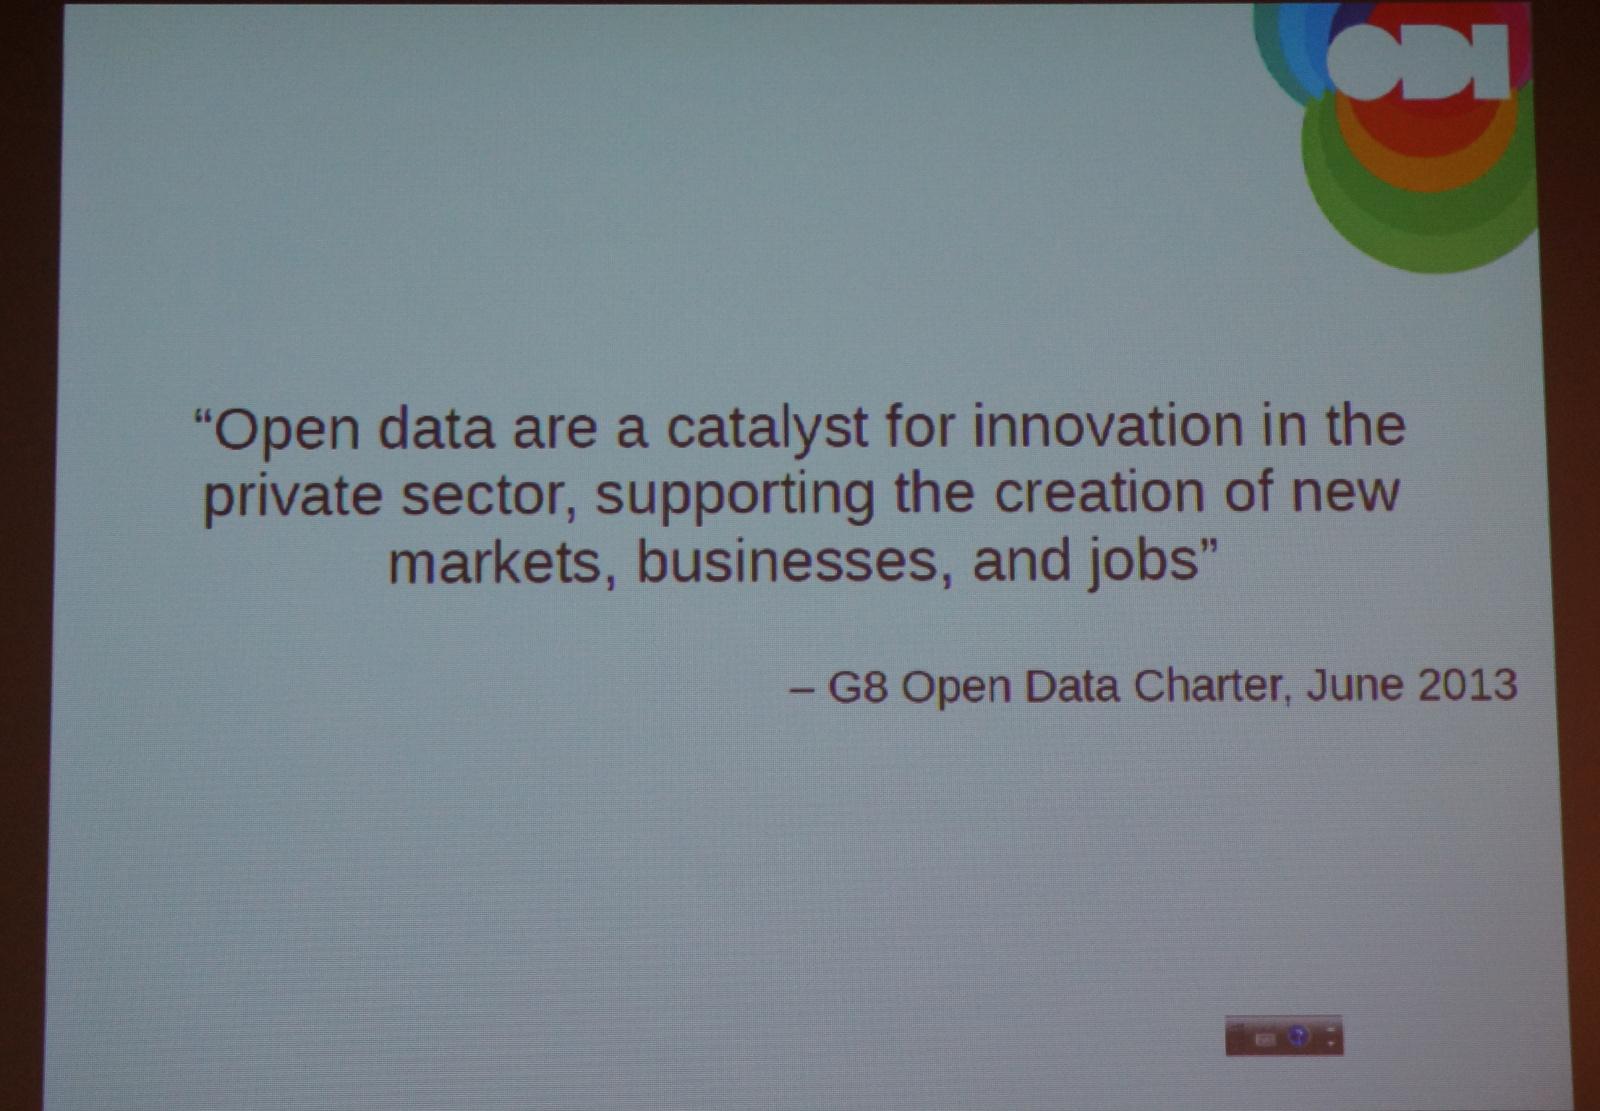 G8-open-data-charter